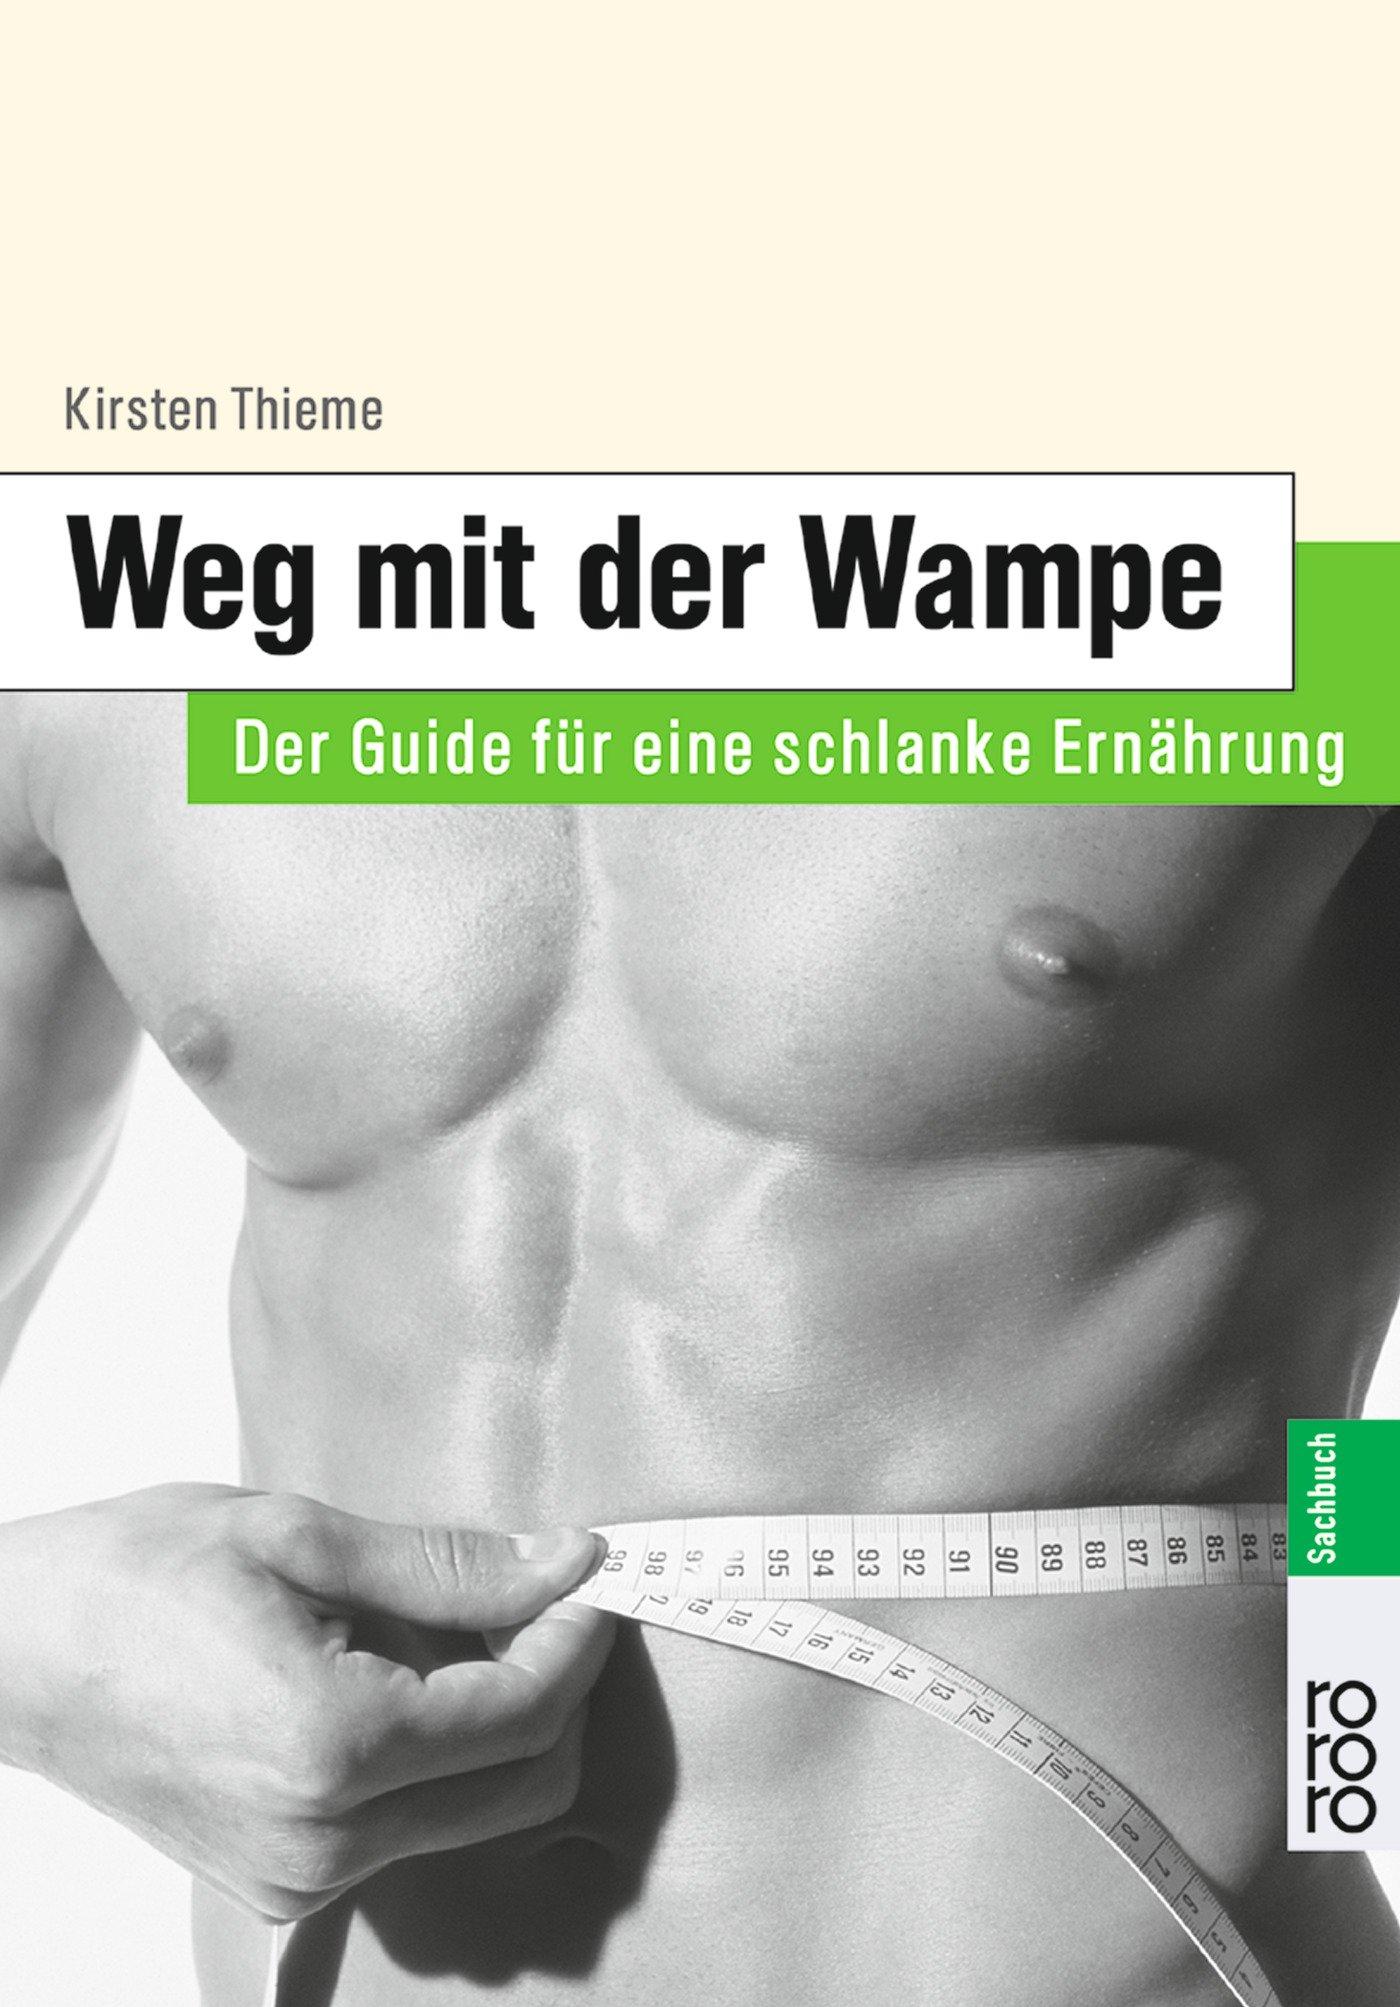 Men's Health: Weg mit der Wampe: Der Guide für eine schlanke Ernährung